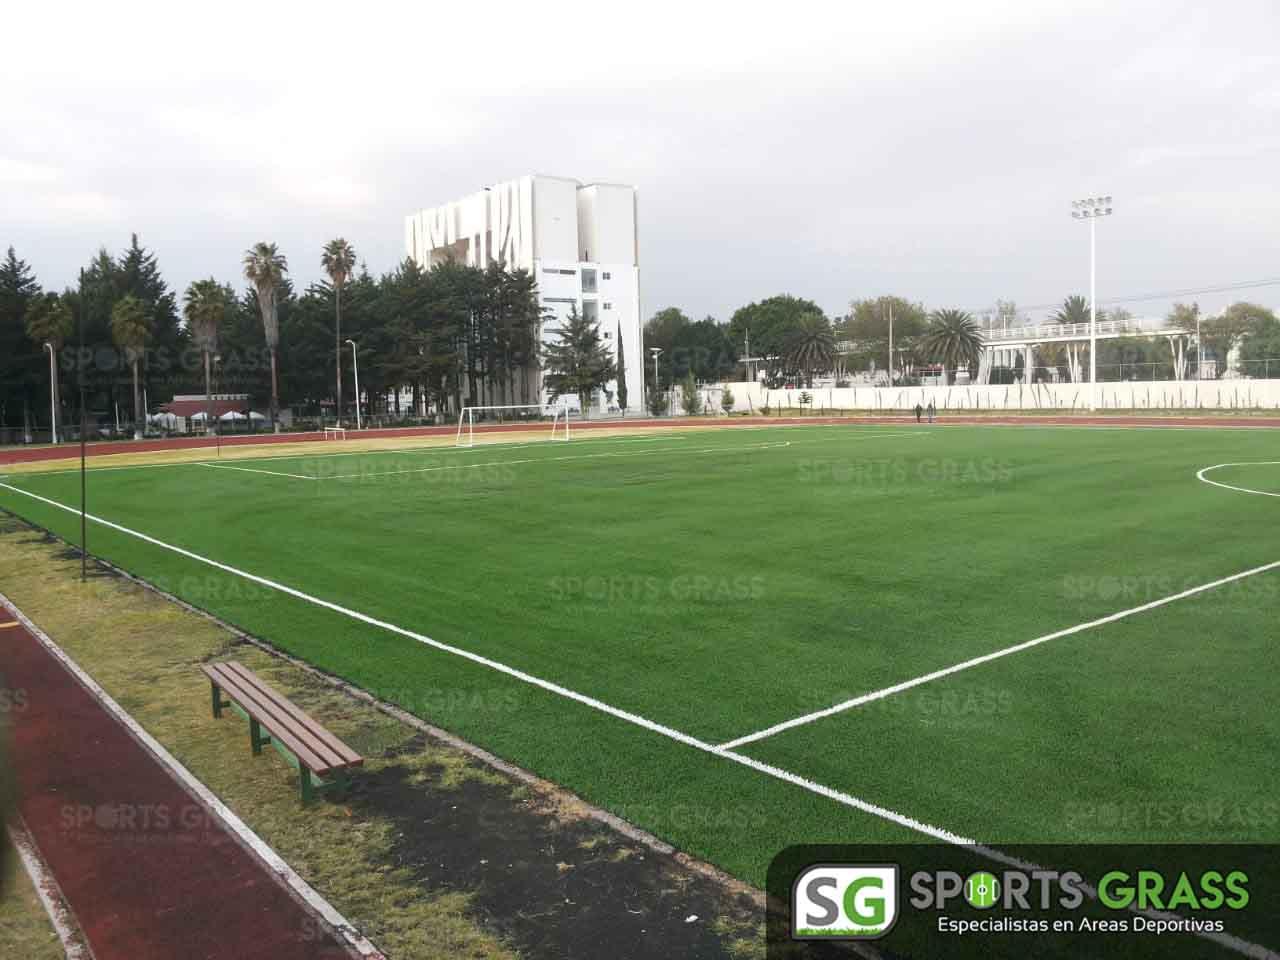 Cancha Futbol Soccer BINE Benemerito Instintuto Normal del Estado Puebla Sports Grass 01